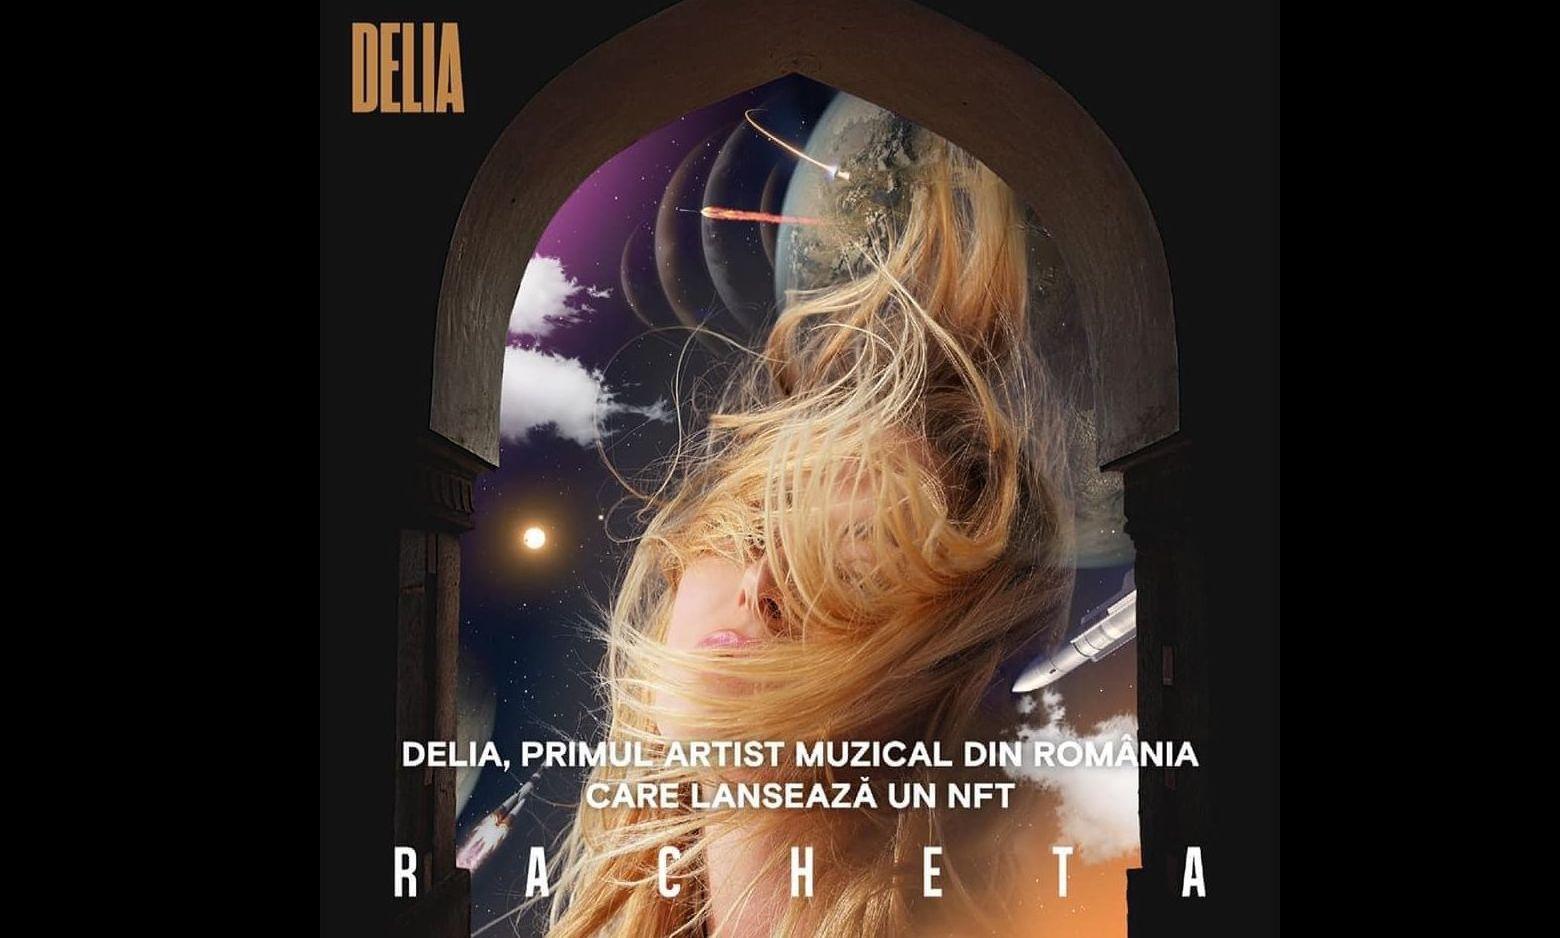 Delia NFT single Racheta